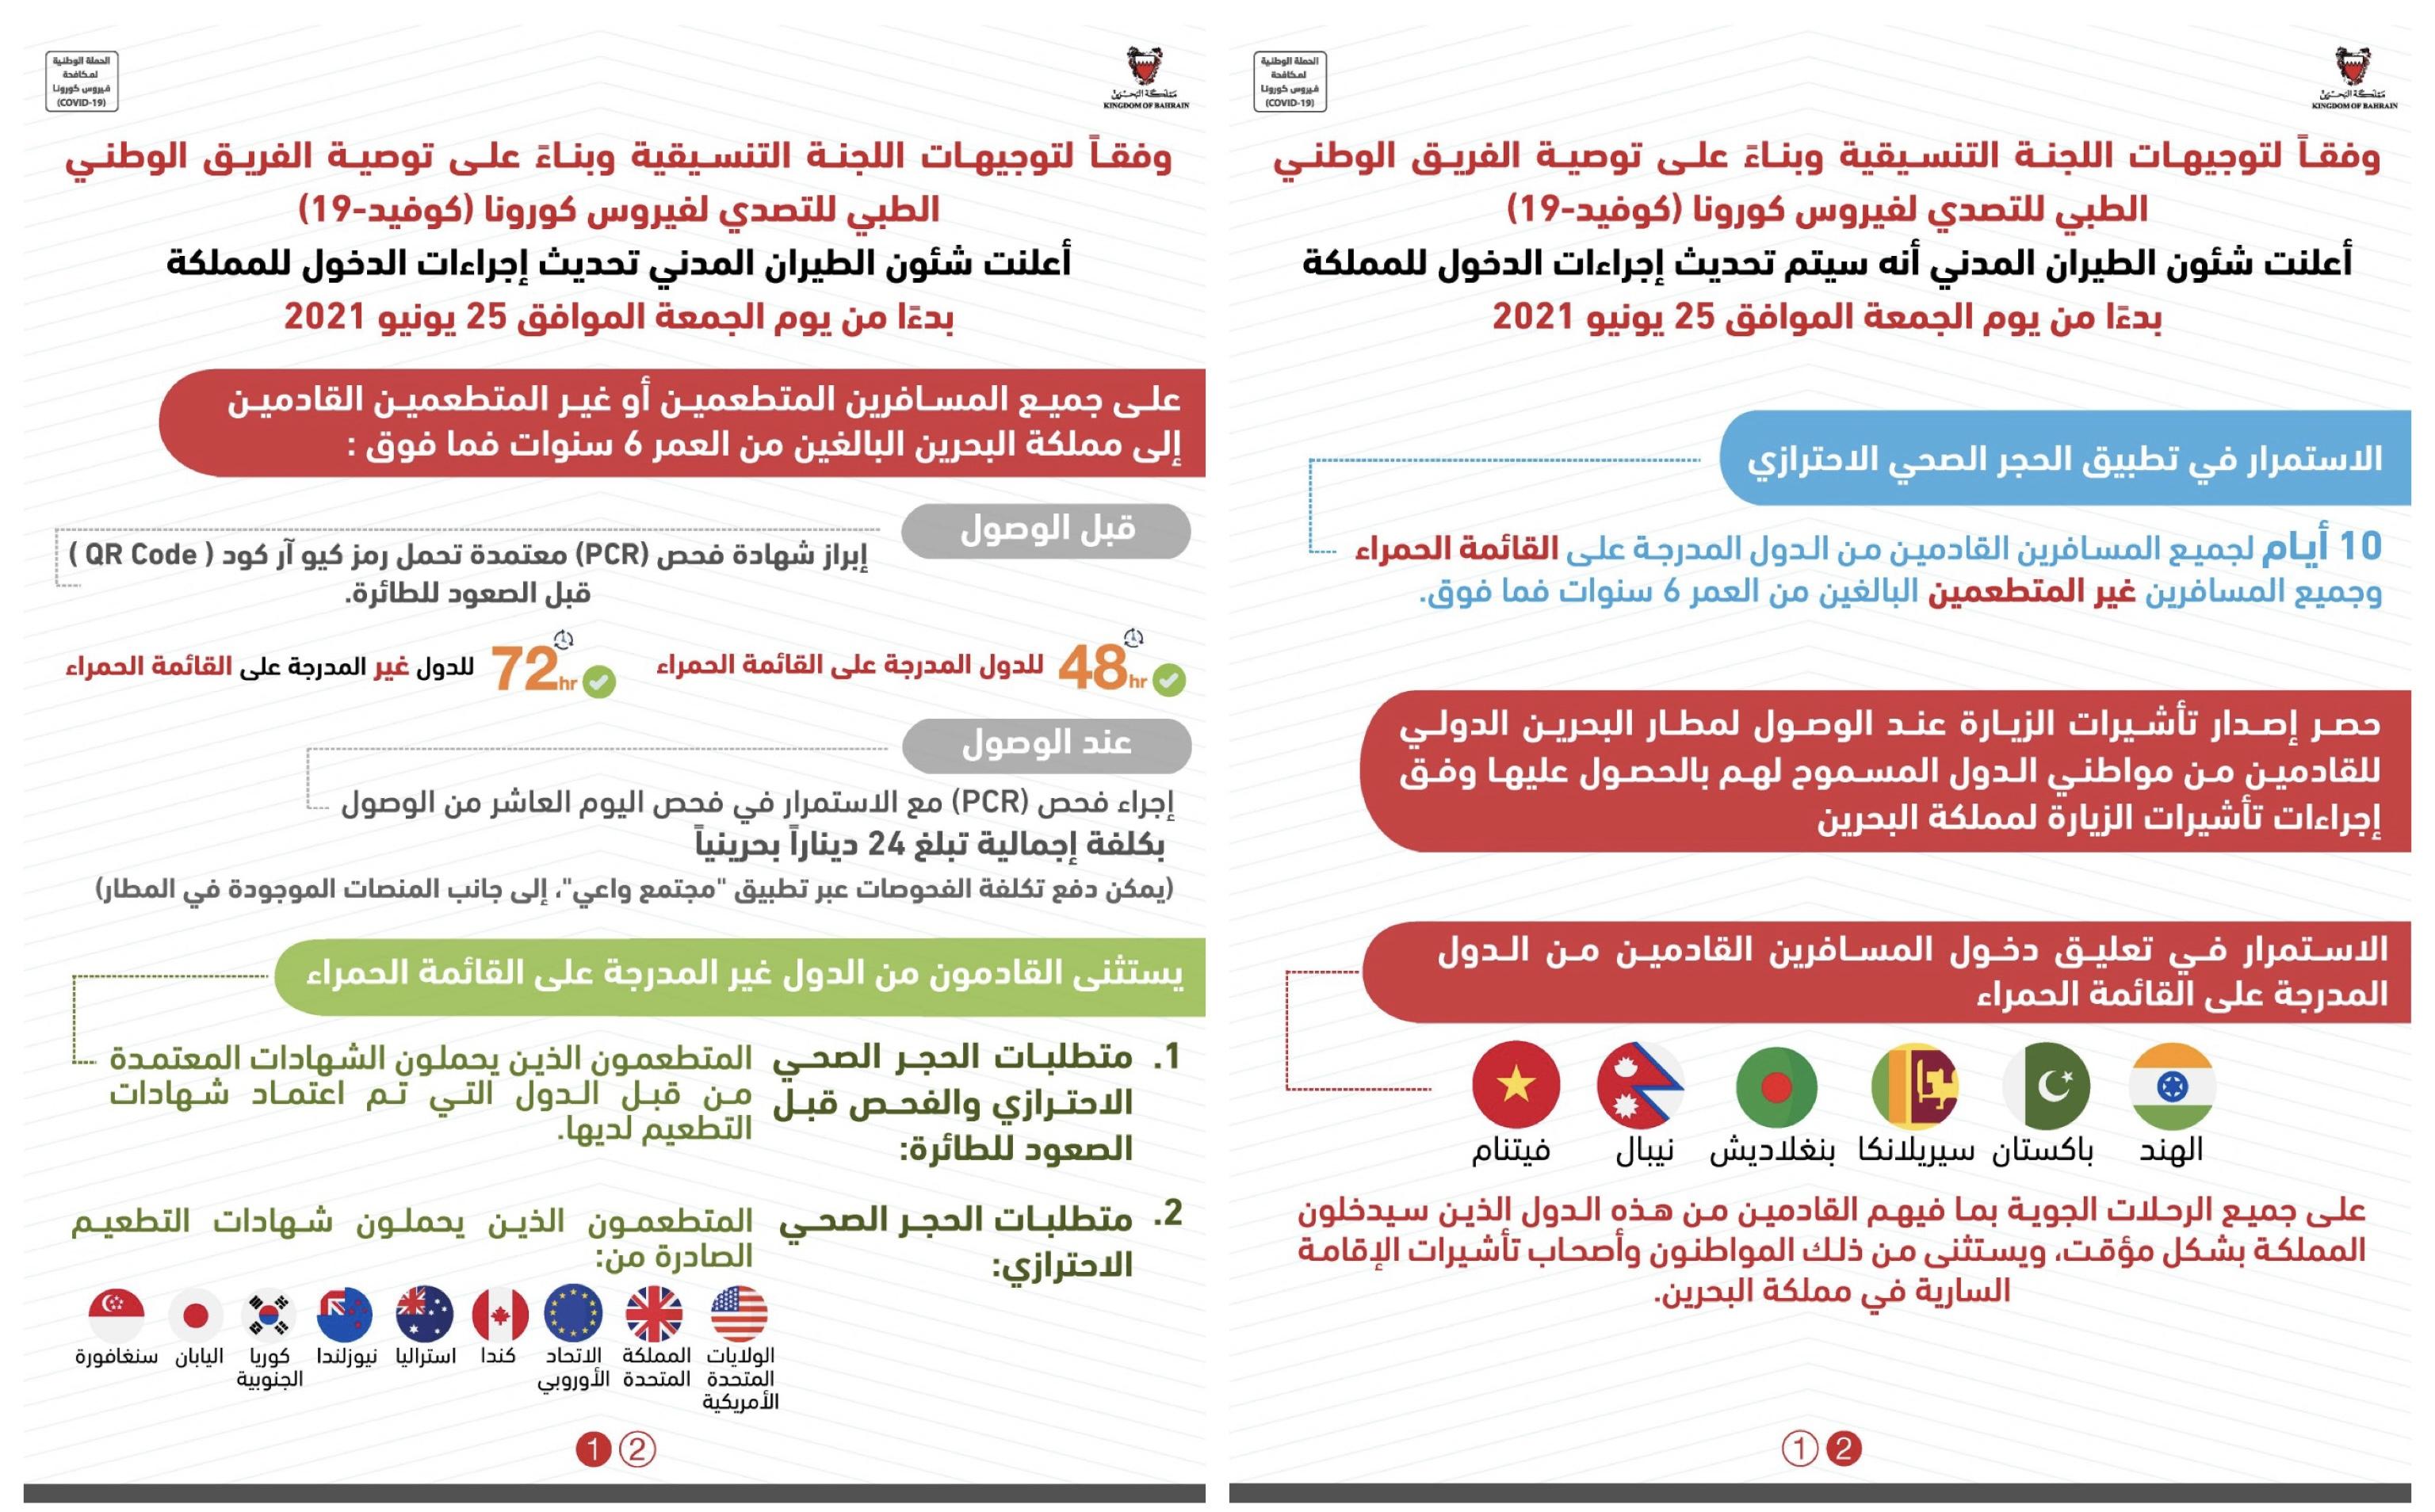 شئون الطيران المدني: تحديث إجراءات الدخول لمملكة البحرين عبر مطار البحرين الدولي بدءًا من يوم الجمعة القادم